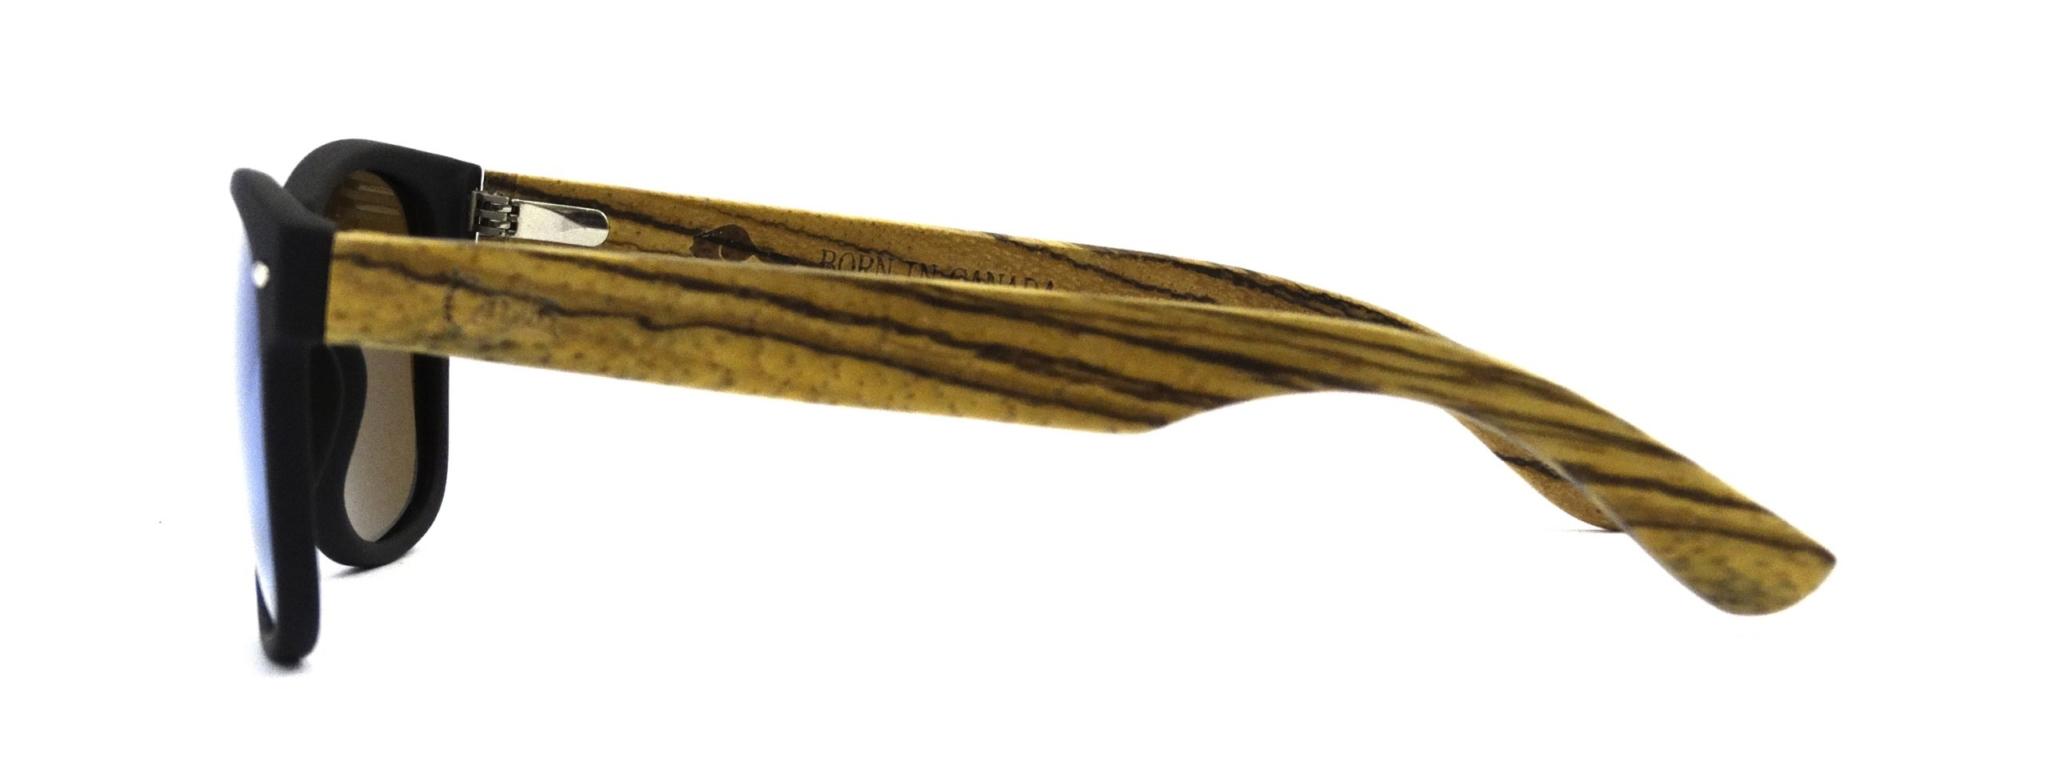 5b77bef7-97d-gafas-de-sol